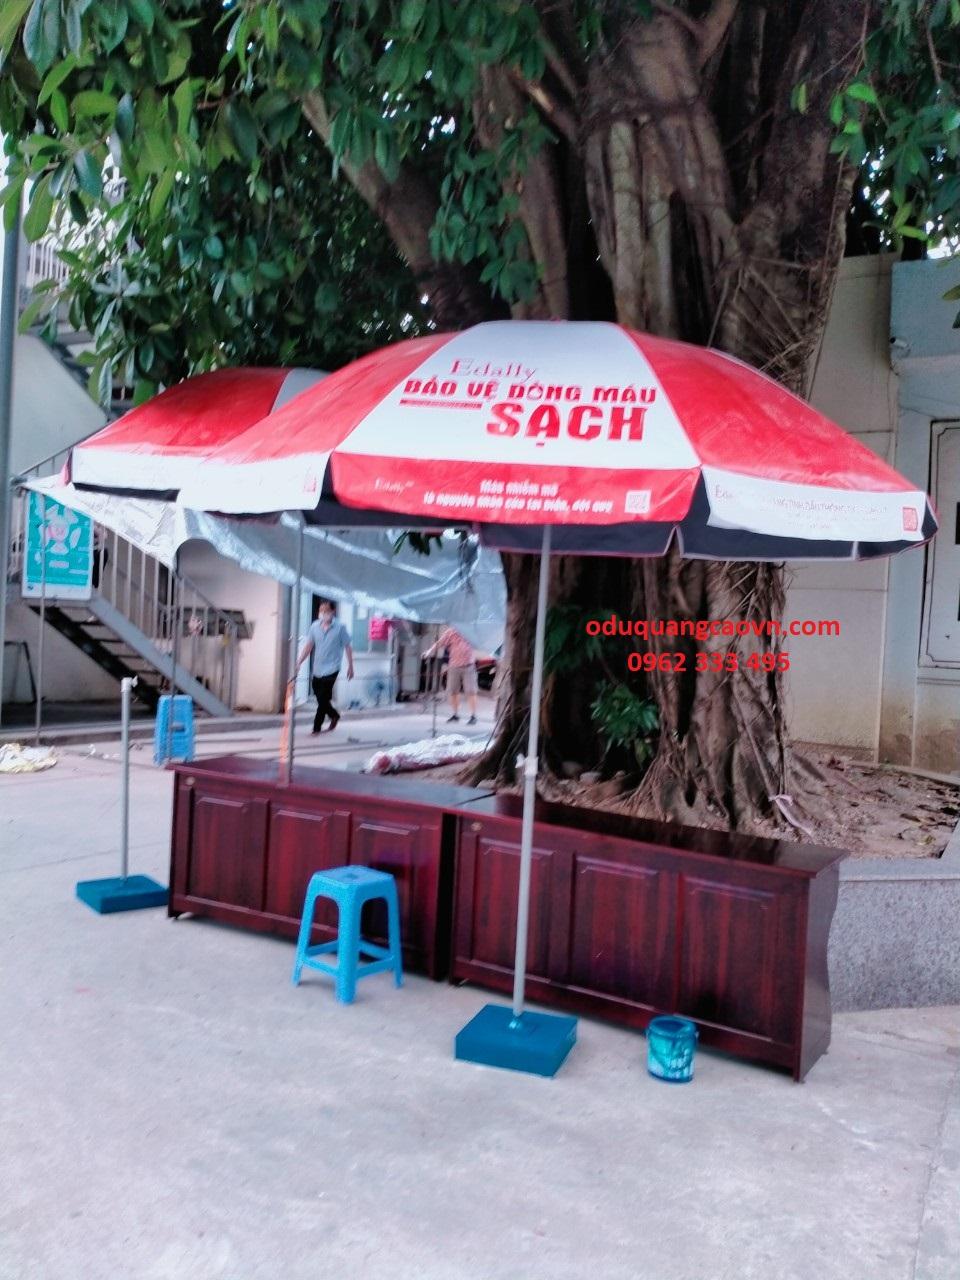 Ô dù quảng cáo tại Hà Nội